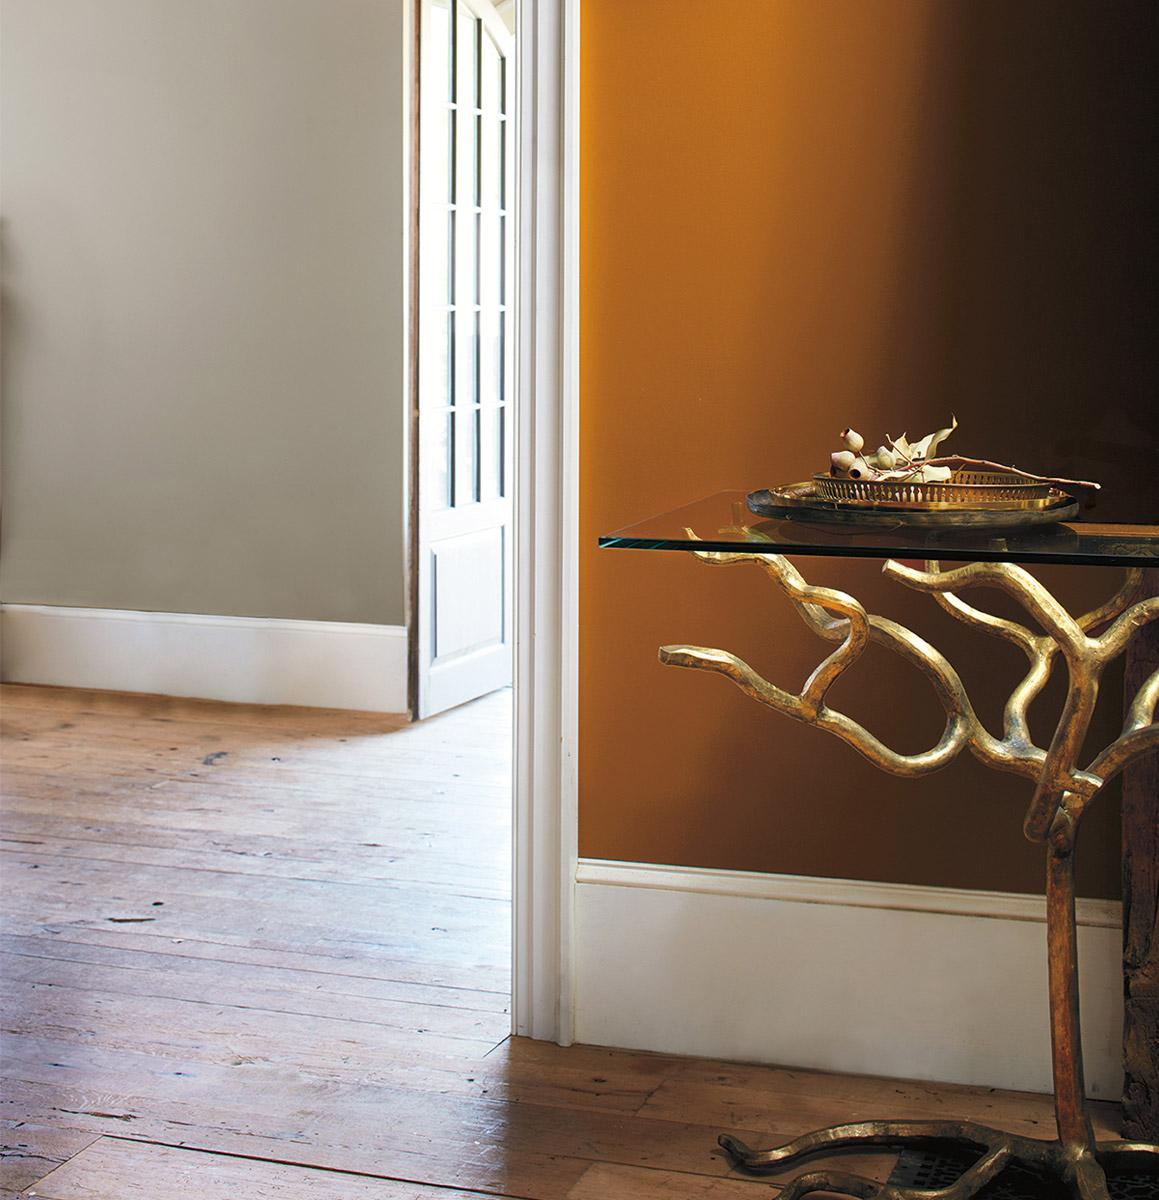 Duo neutre: le gris majestueux et le brun caramel chaud forment une paire irrésistible. #InspirationCouleur #InspirationMaison  (WALL) Bittersweet Vine N5, CENTURY®, Fini mat doux https://t.co/sOi5otDWHc